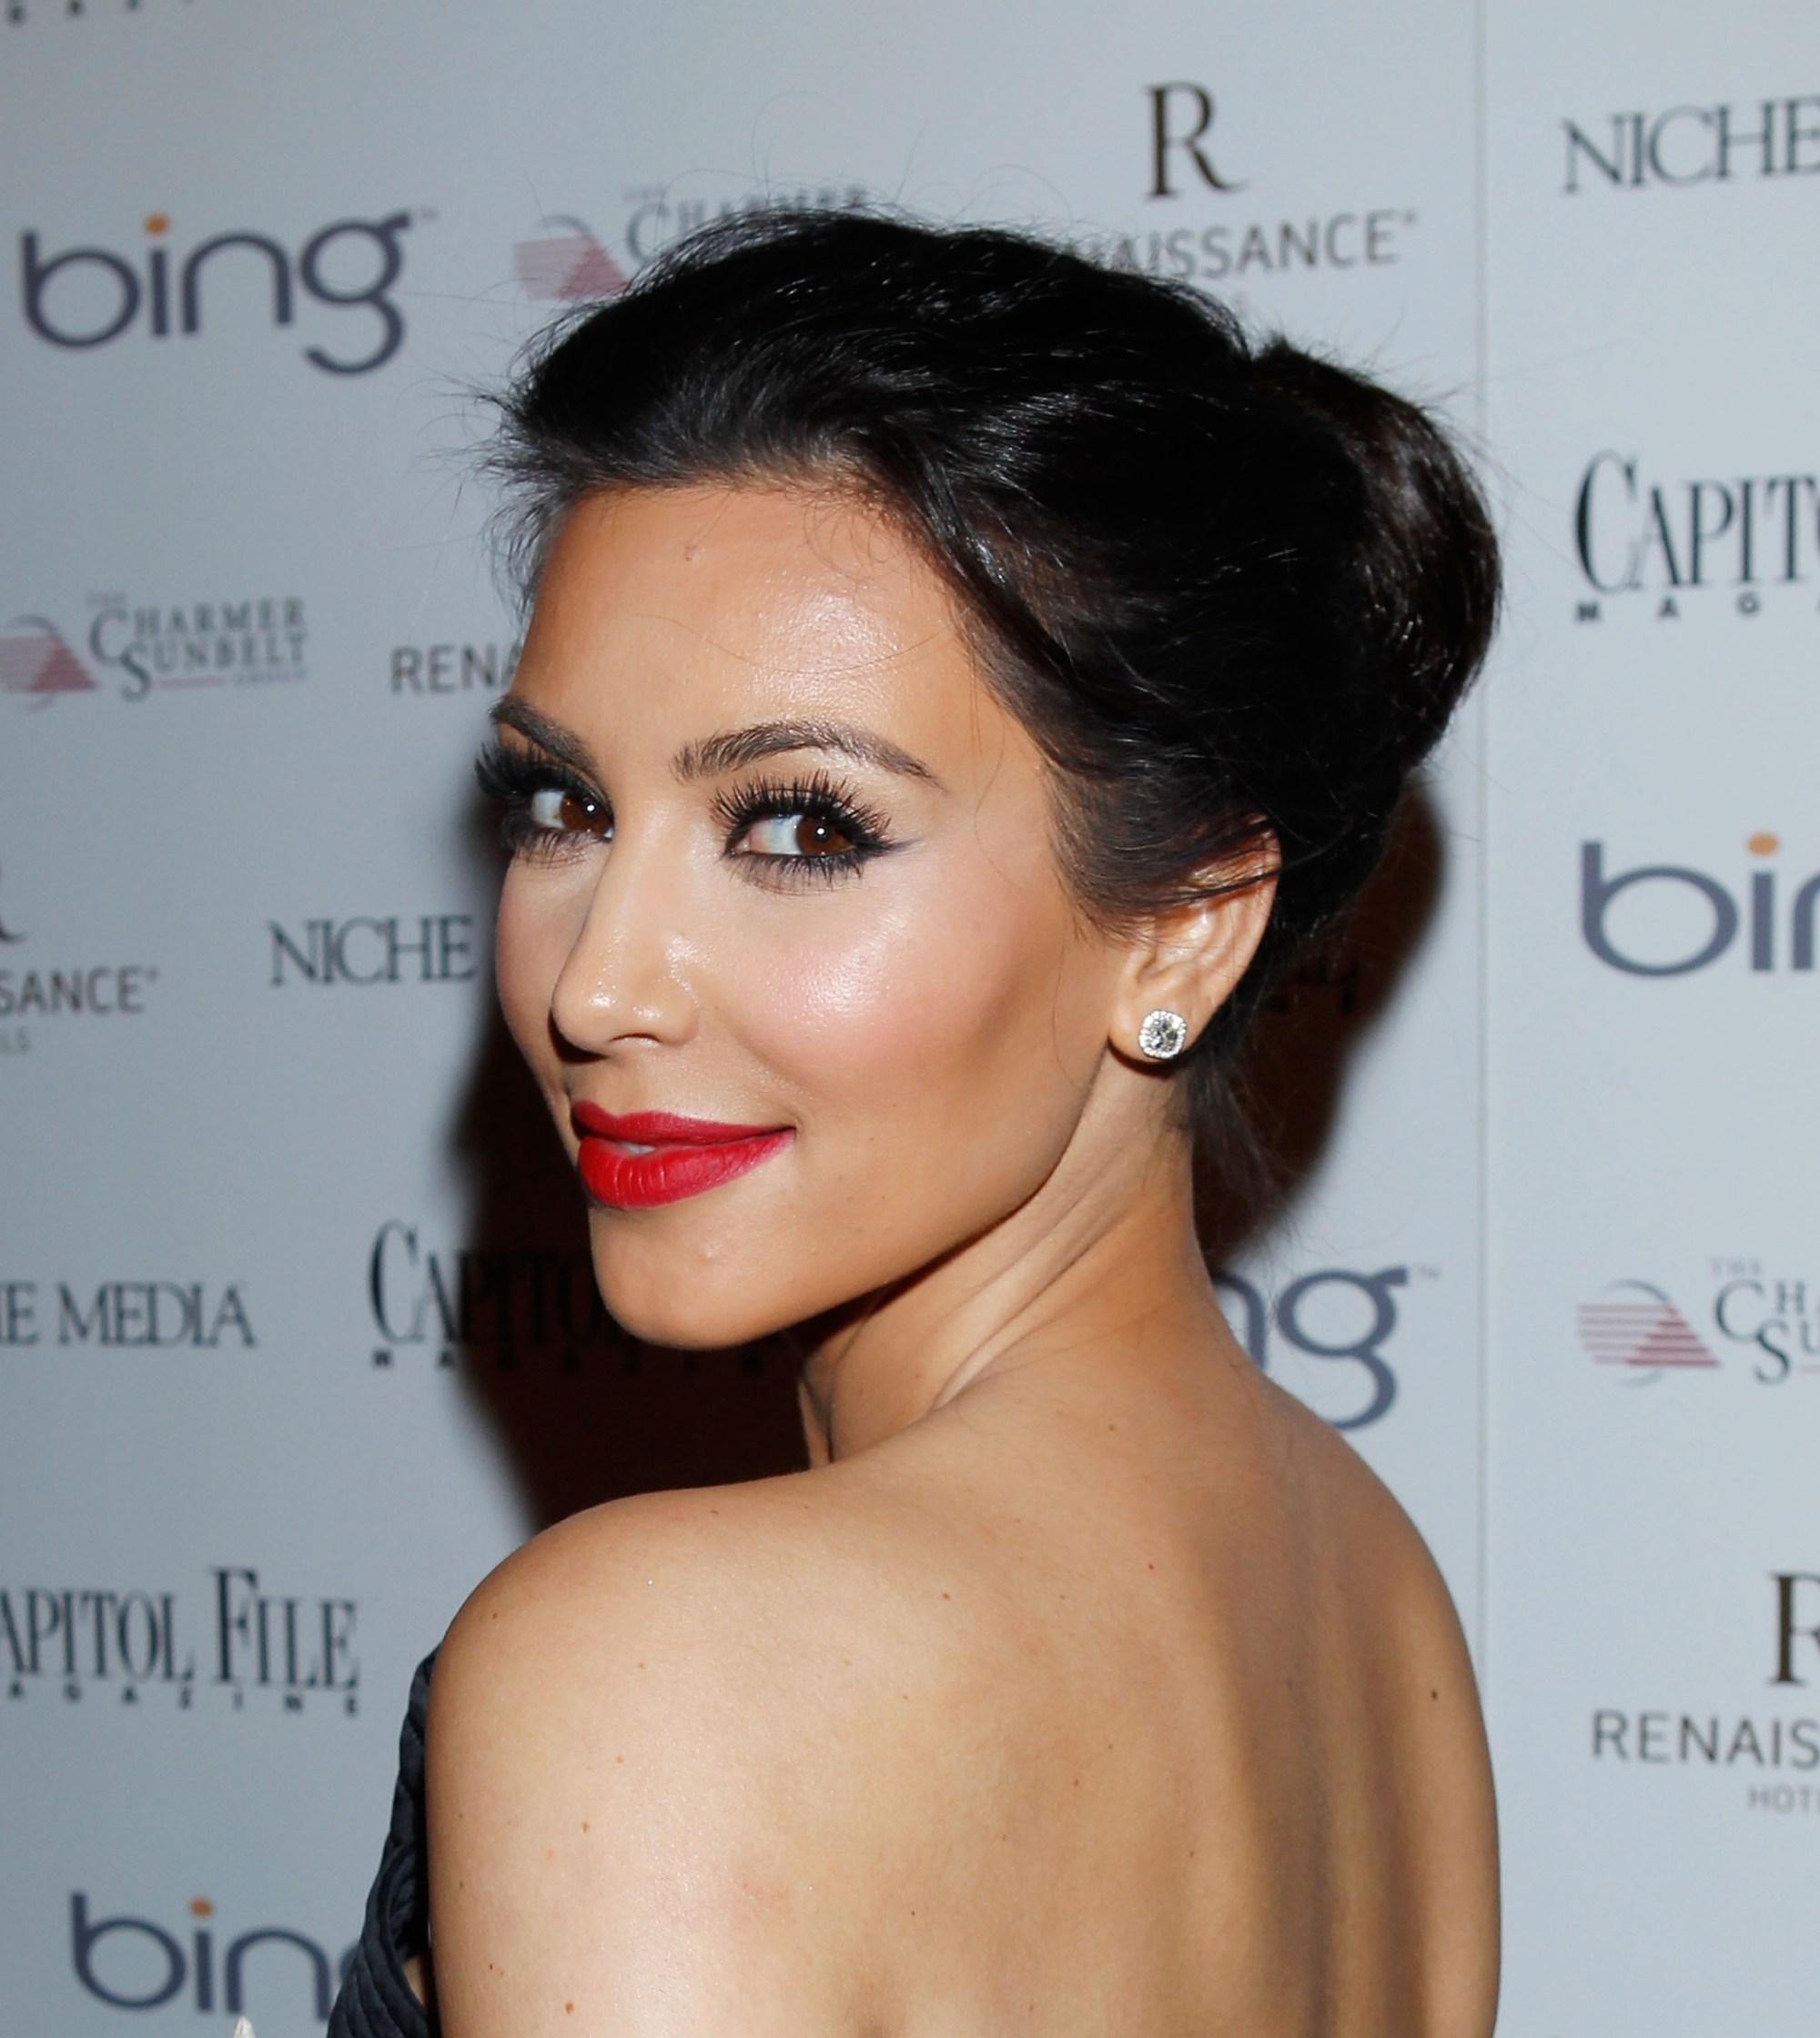 Kim Kardashian | Search Results | Calendar 2015